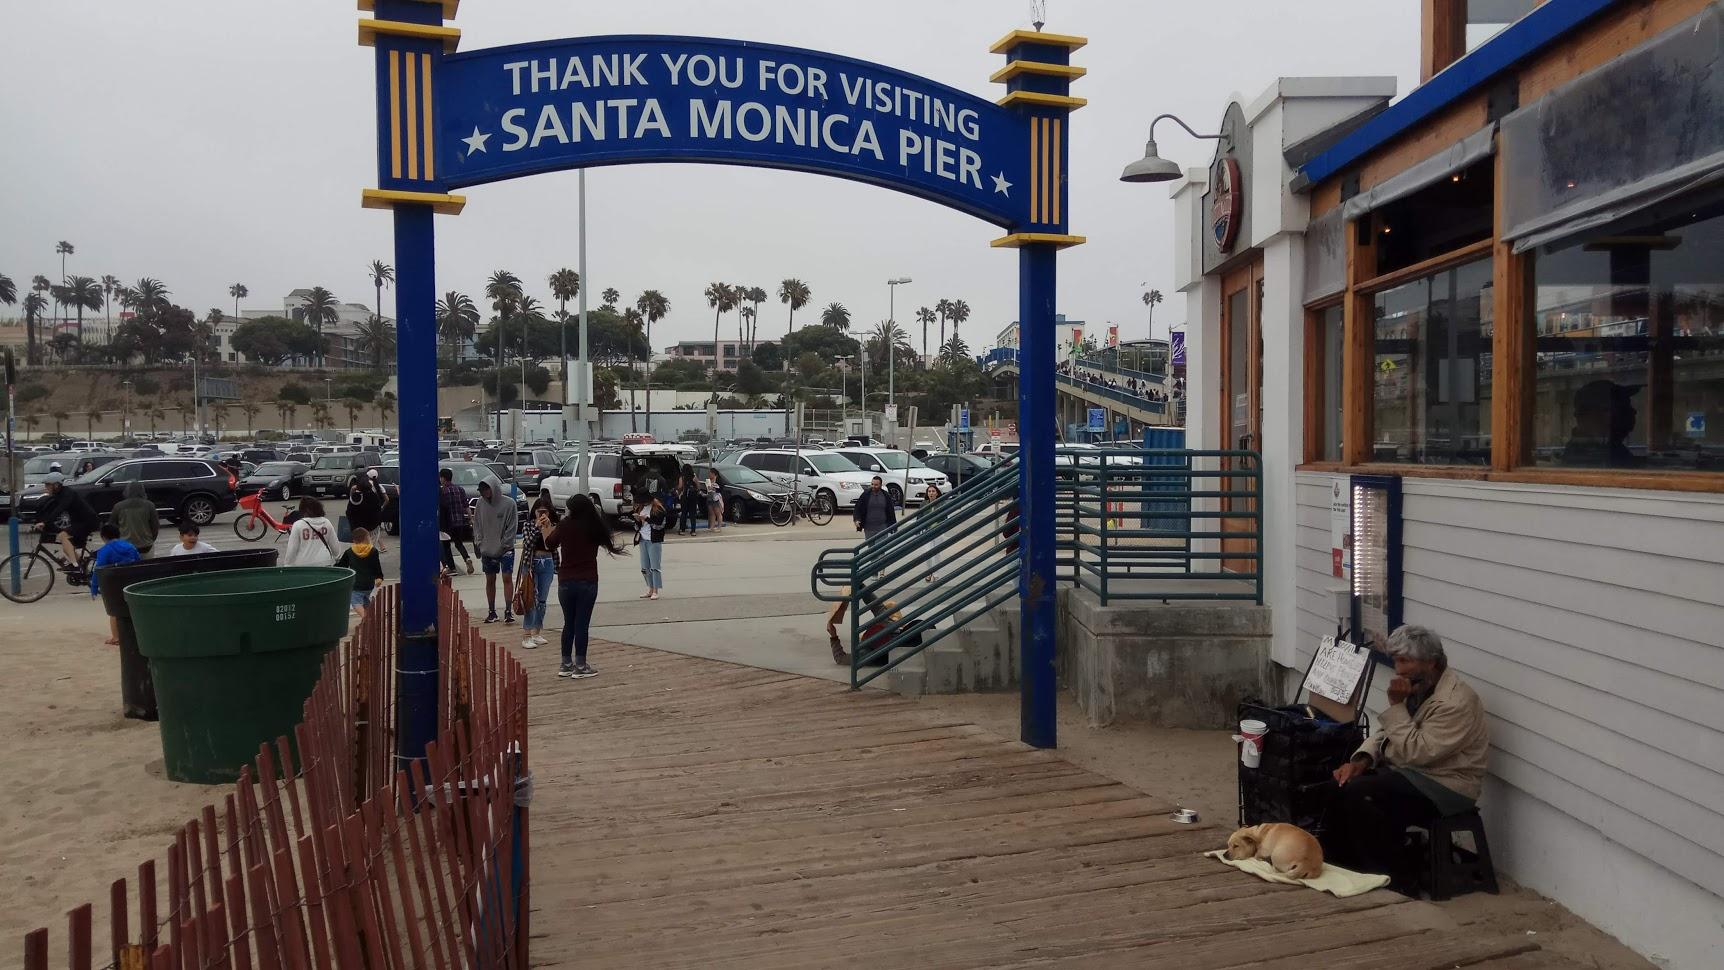 Очень бюджетное путешествие в Лос Анджелес заграница,путешествие,туризм